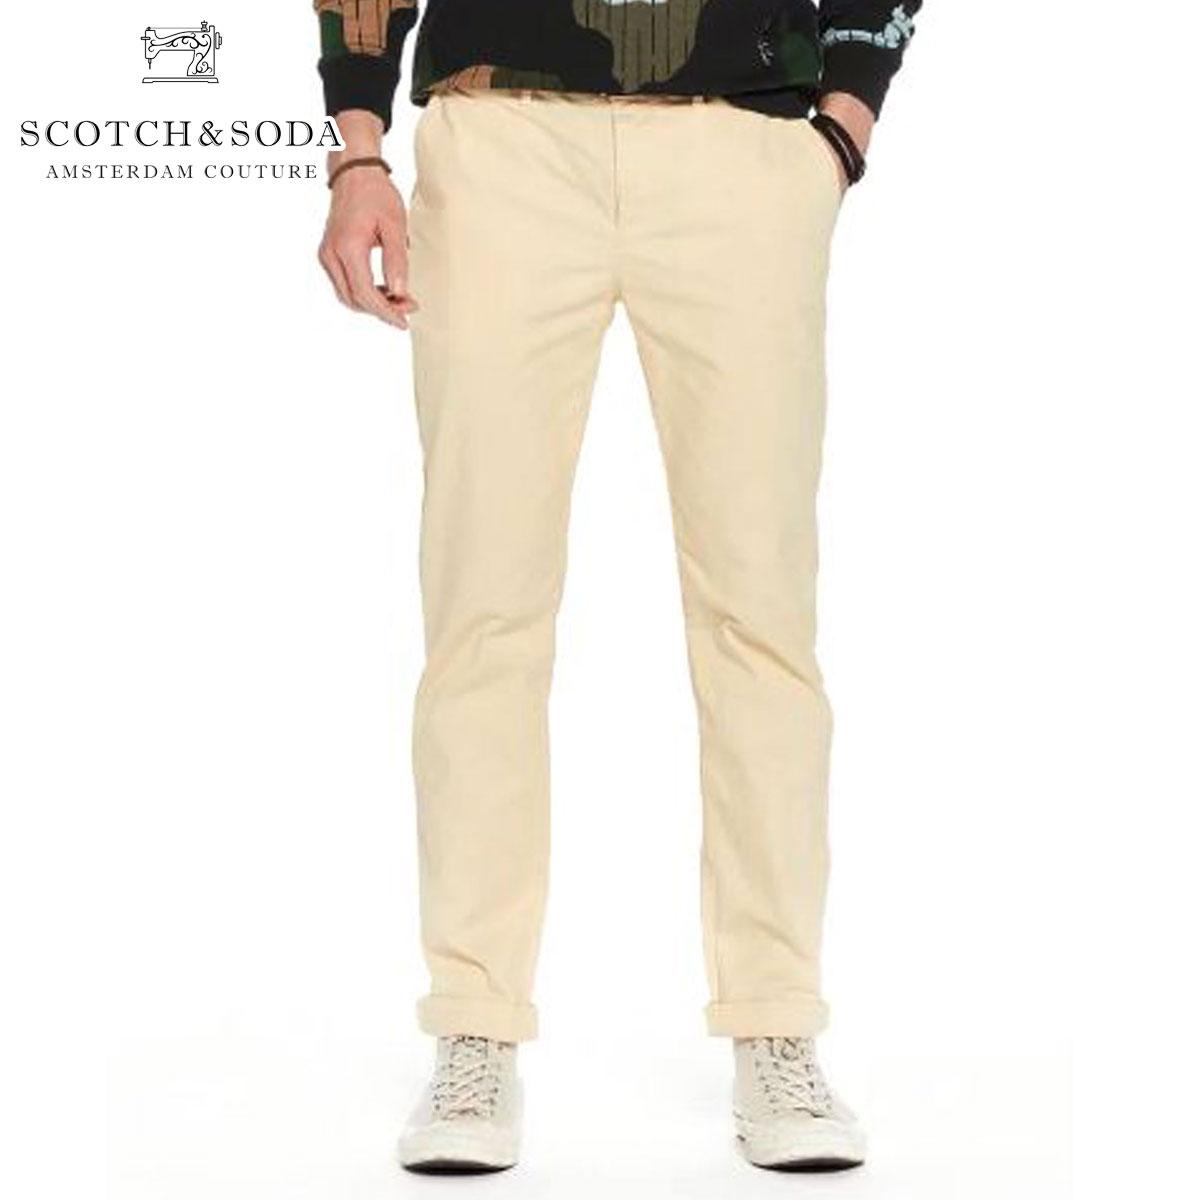 スコッチアンドソーダ チノパン メンズ 正規販売店 SCOTCH&SODA ボトムス STUART IN PEACHED TWILL WITH BELT 144972 43 61500 SUNSET YELLOW D